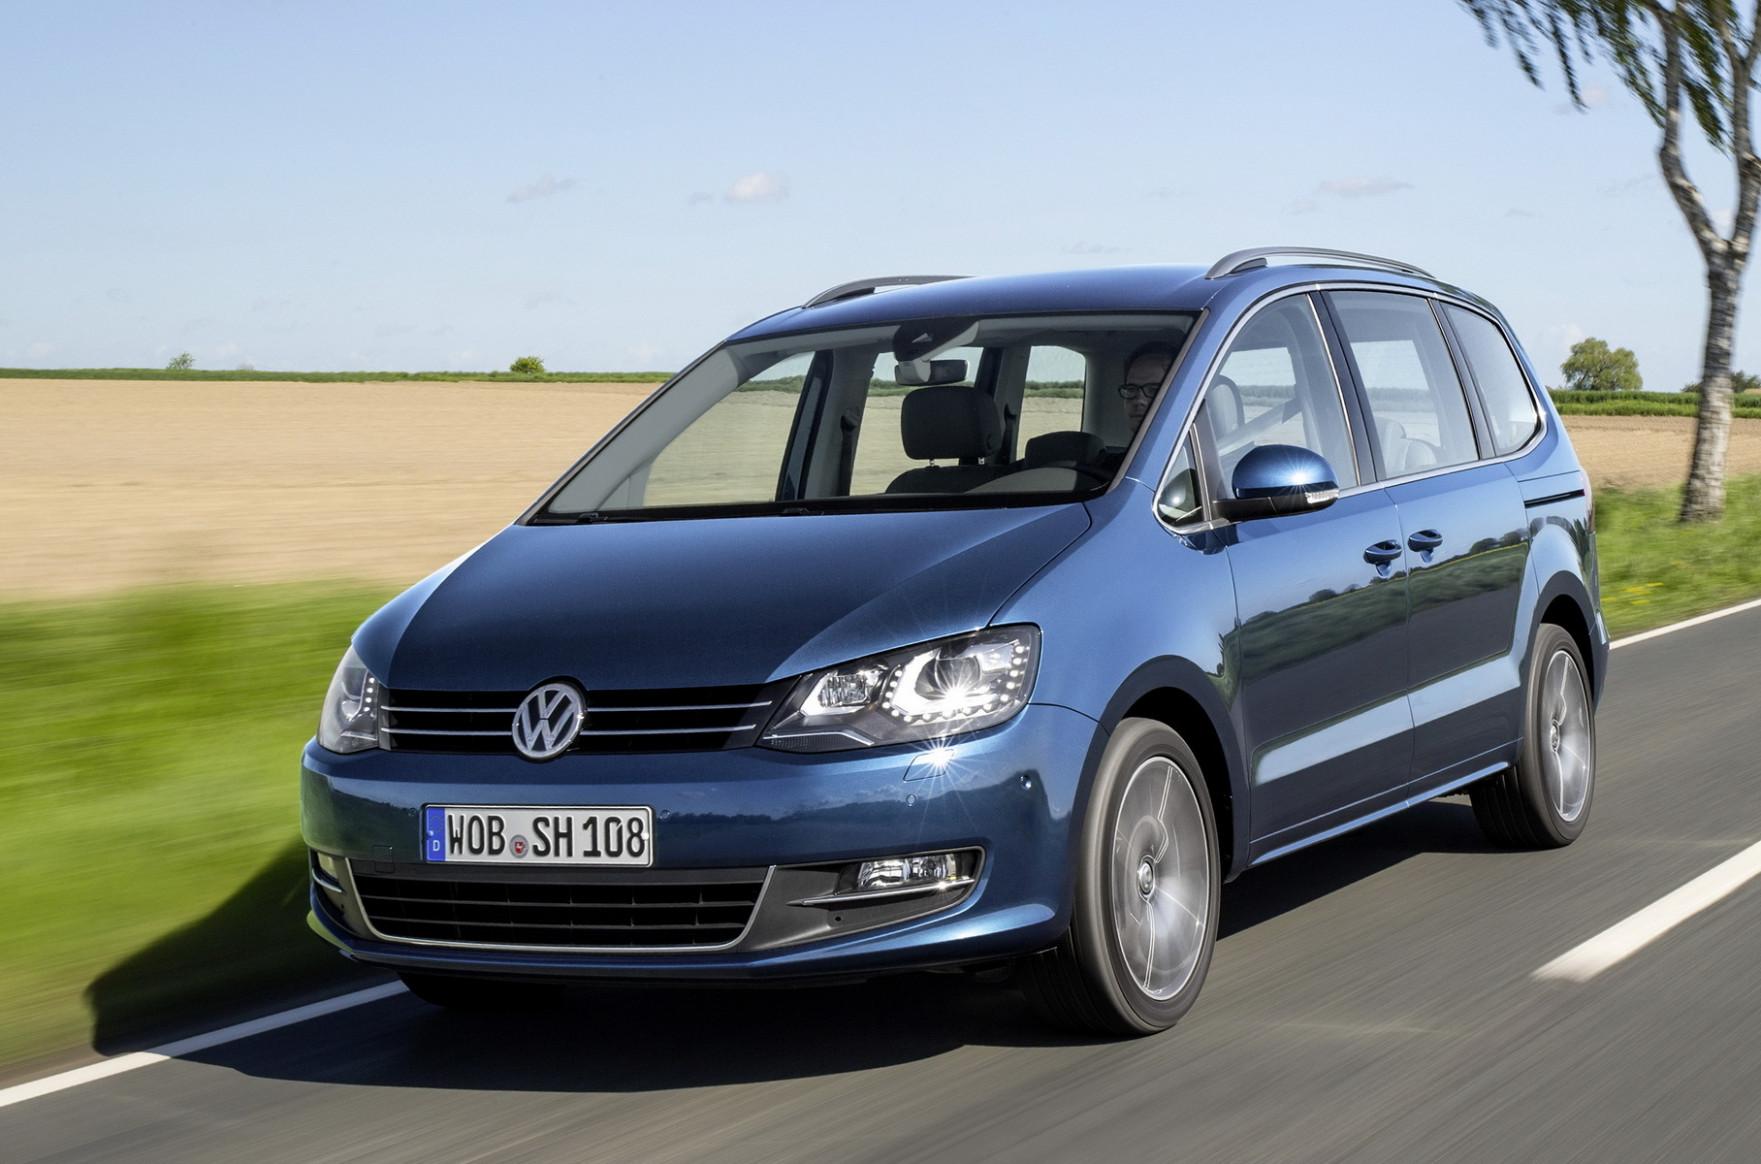 Specs 2022 VW Touran